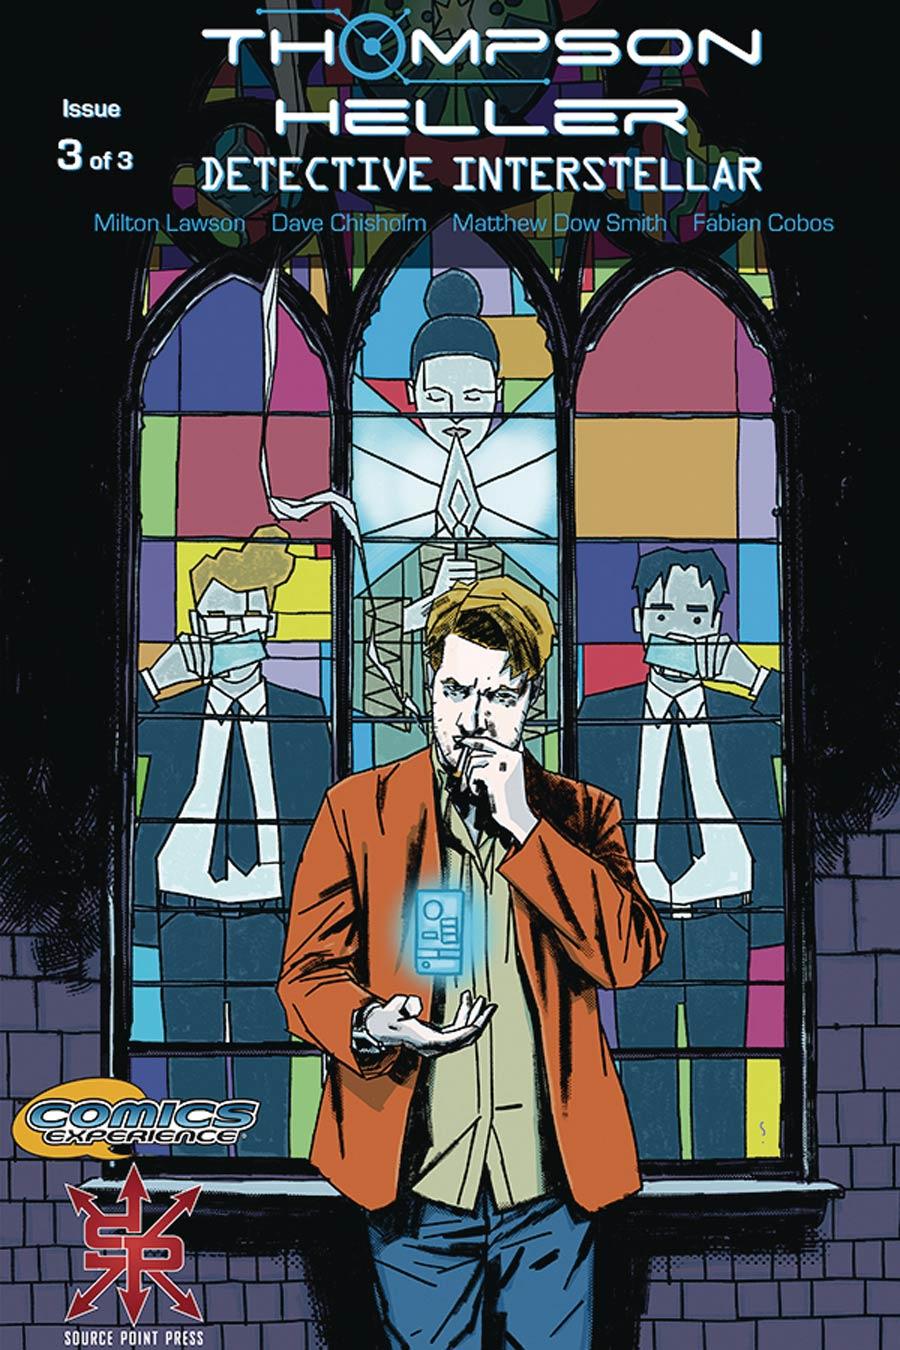 Thompson Heller Detective Interstellar #3